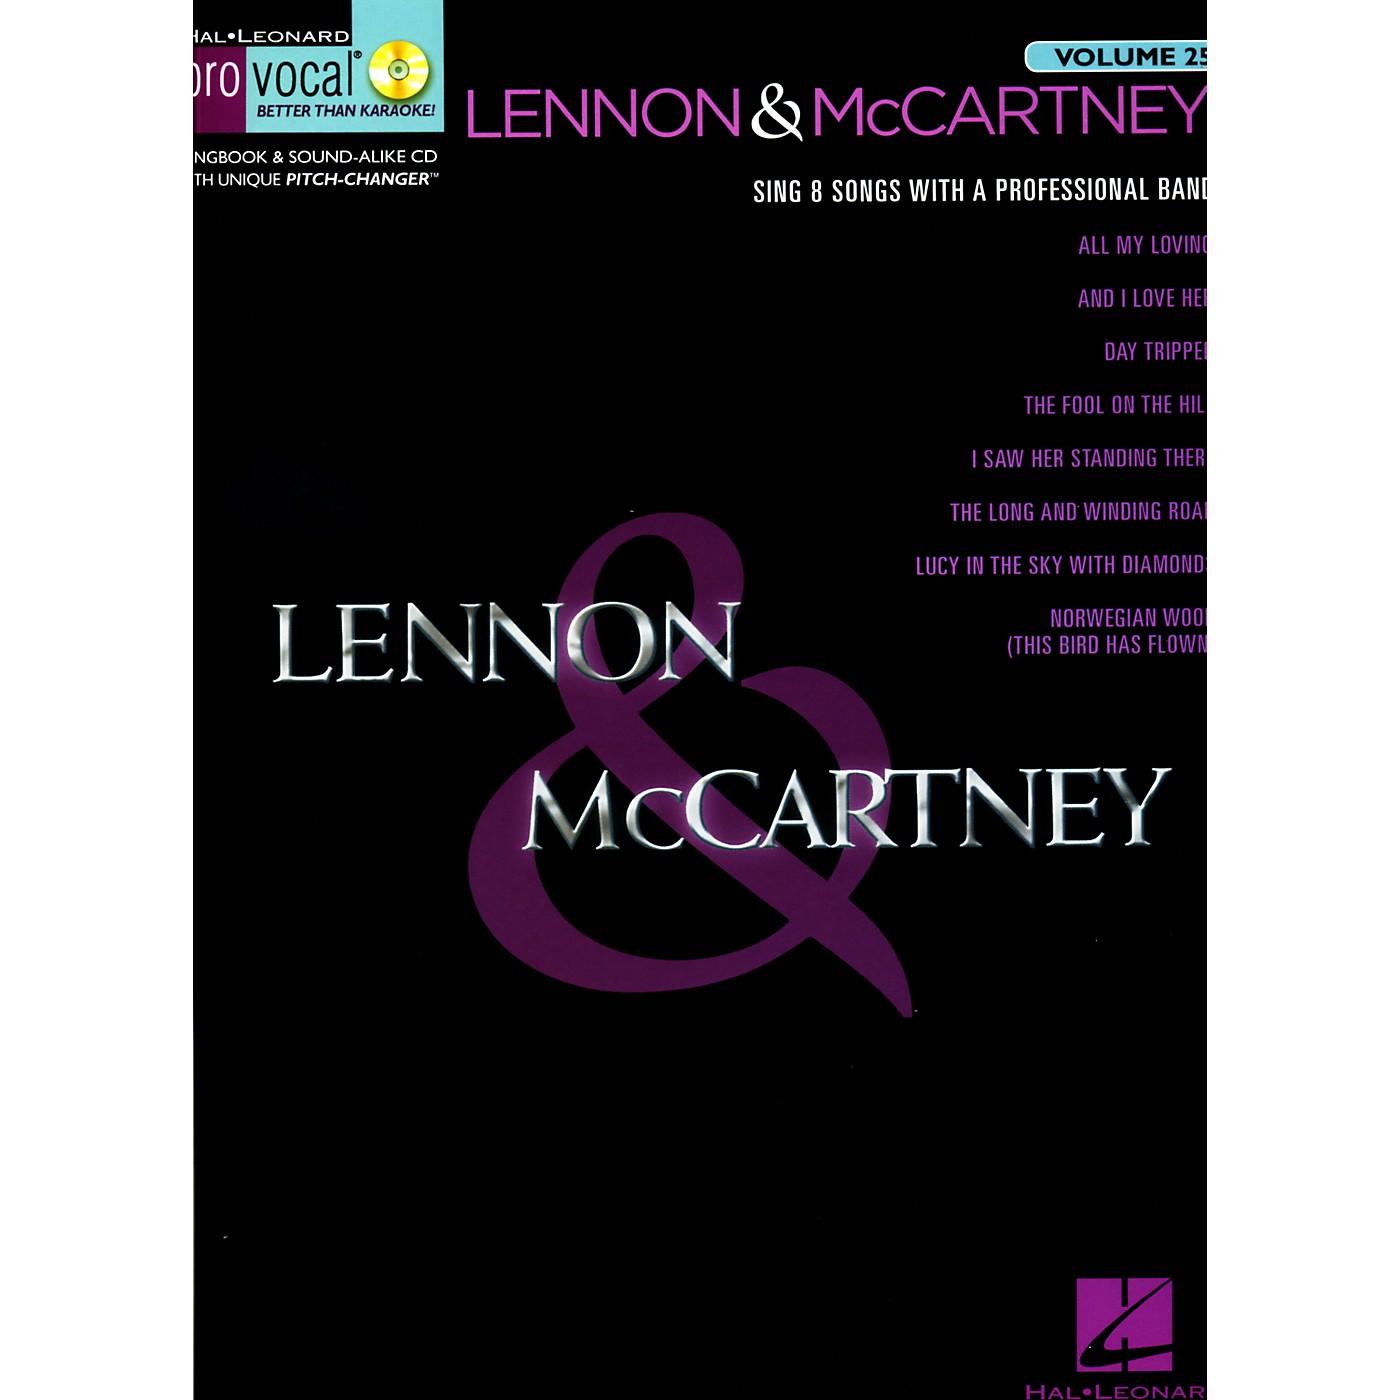 Hal Leonard Lennon & McCartney Vol 4 - Pro Vocal Songbook & CD Volume 25 thumbnail